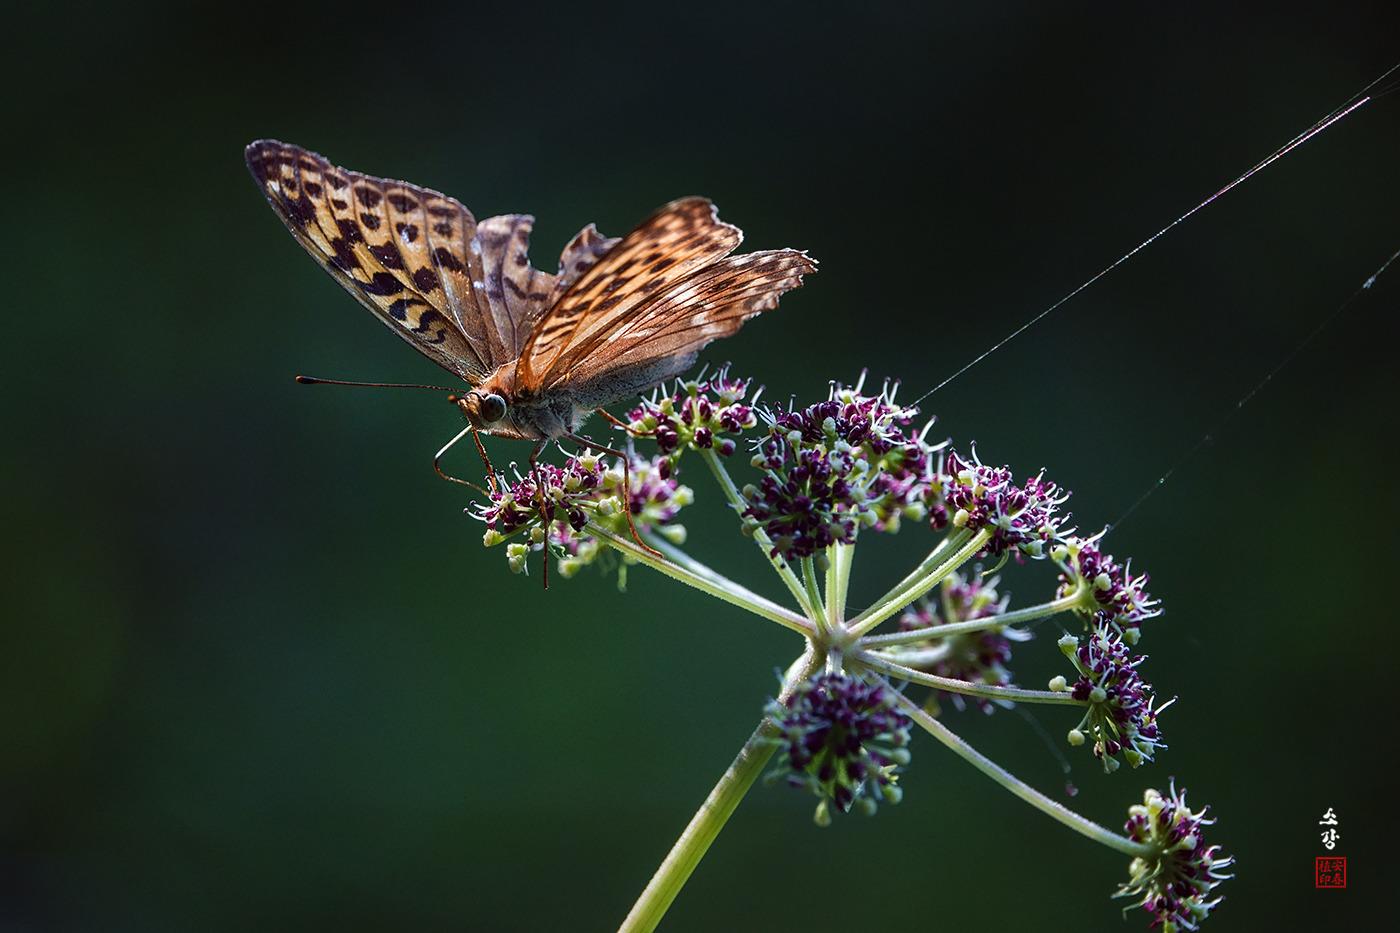 나비와 꽃 그리고 ...